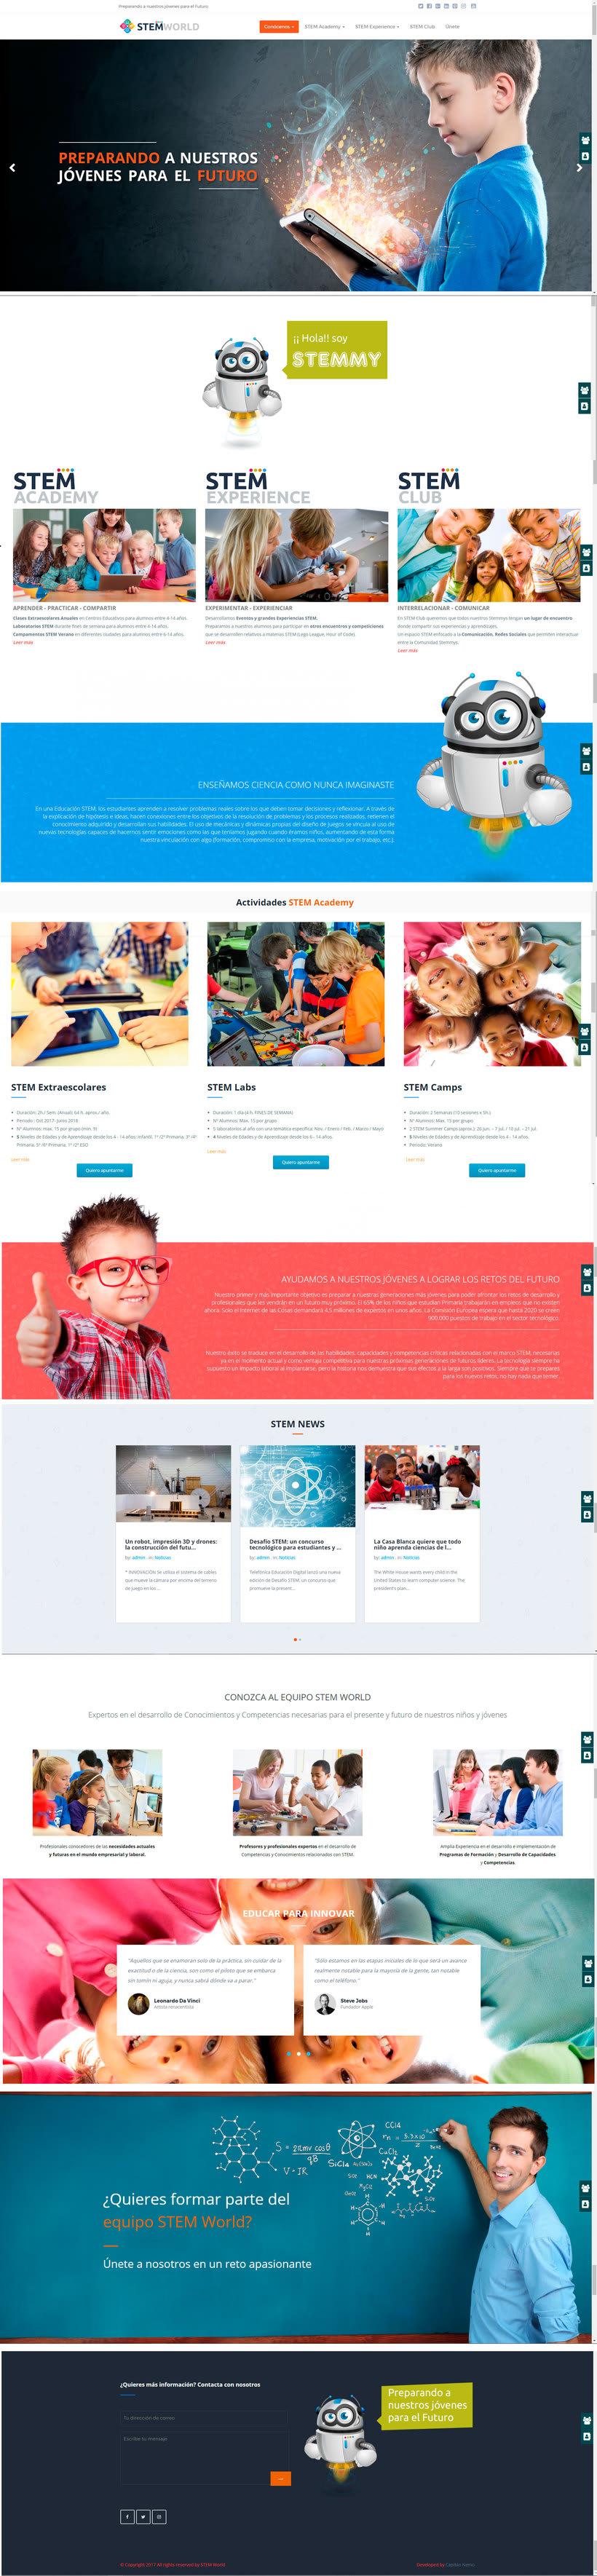 BRANDING Y DISEÑO WEB STEMWORLD.ES 1